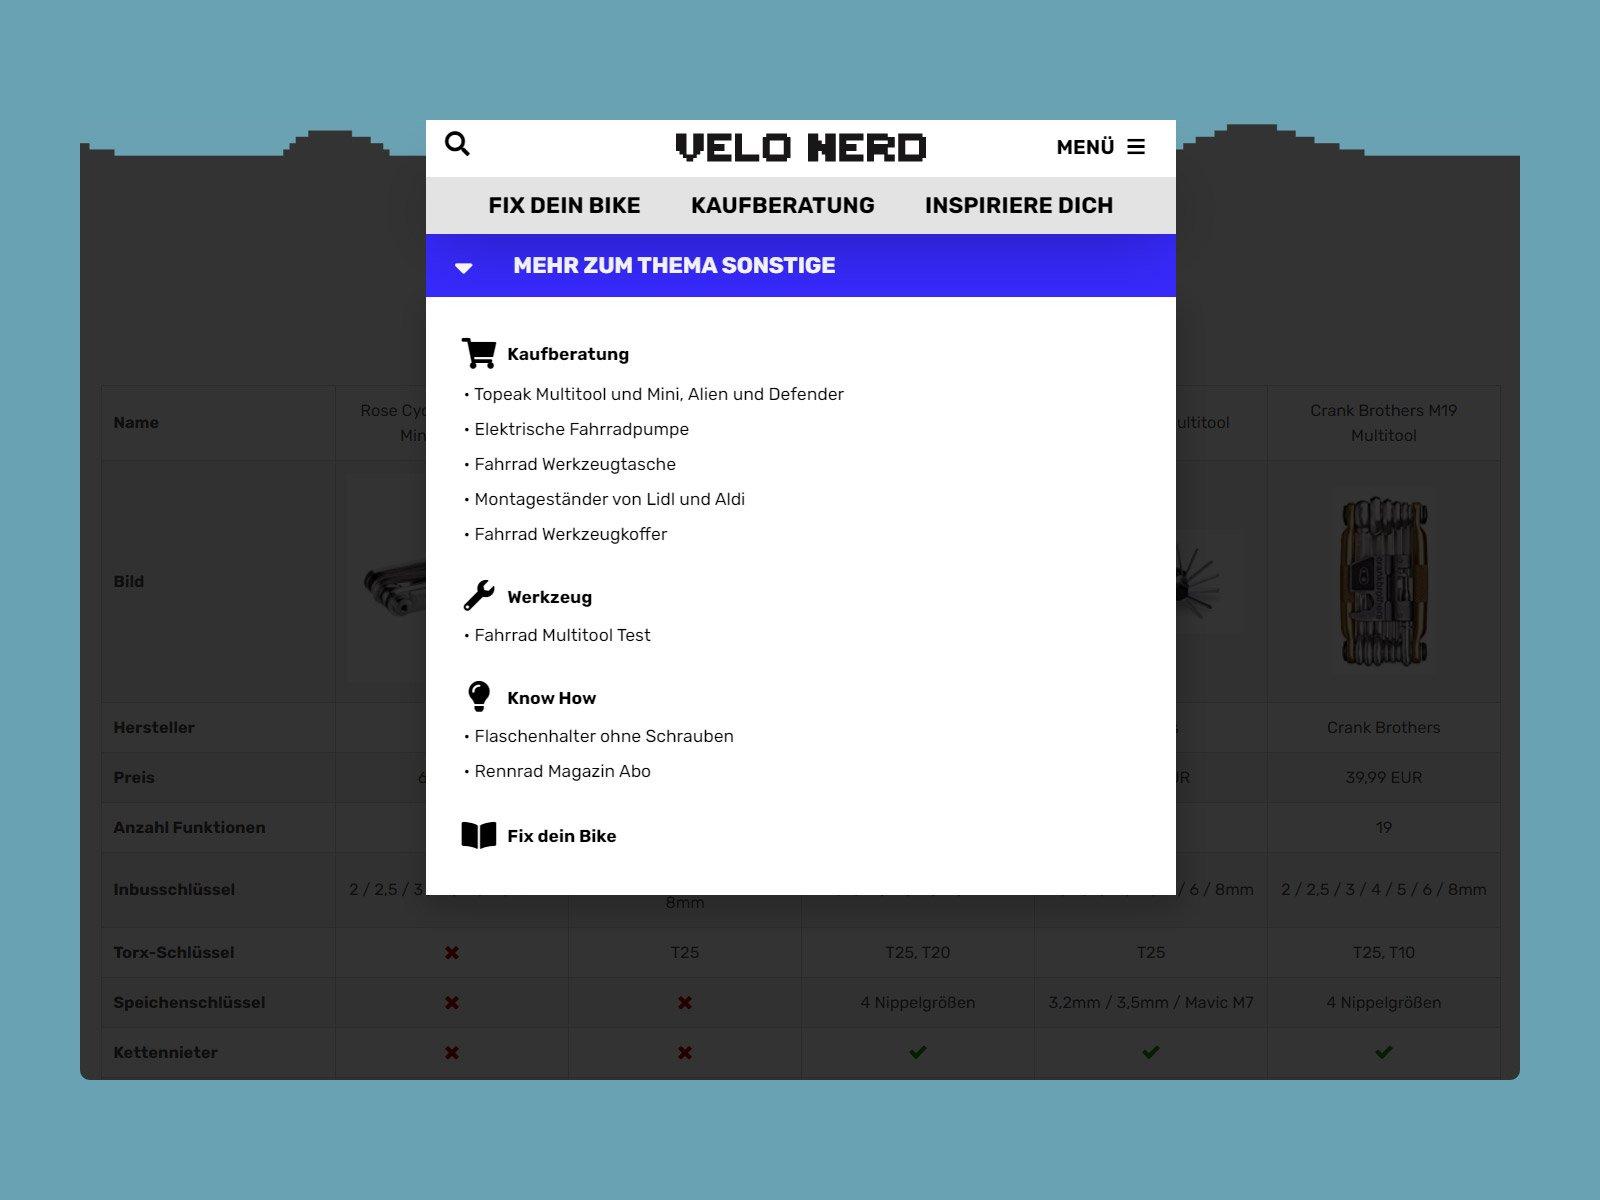 210405 Velo Nerd Project single dynamic men